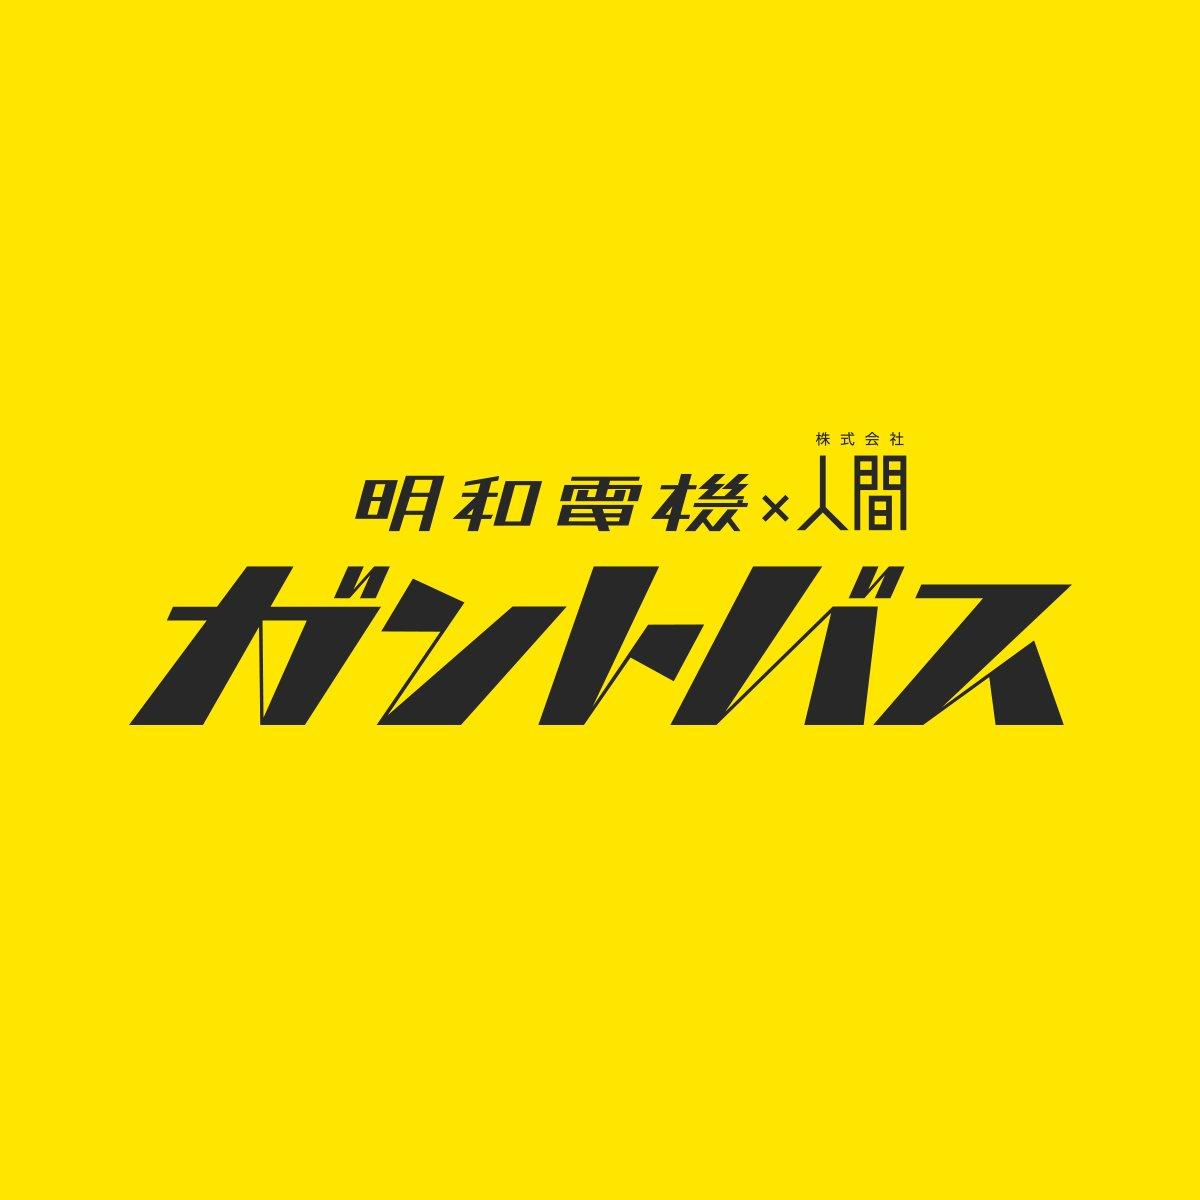 明和電機と株式会社人間のコラボ作品「ガントバス」を6月25日(土)「ナンセンスマシーン展 in 大阪」のライブパフォーマンスにて発表します!たぶん大丈夫です!たぶんウェアブルな作品! https://t.co/JaiQ6b4GKP https://t.co/U0w3OHlUhv